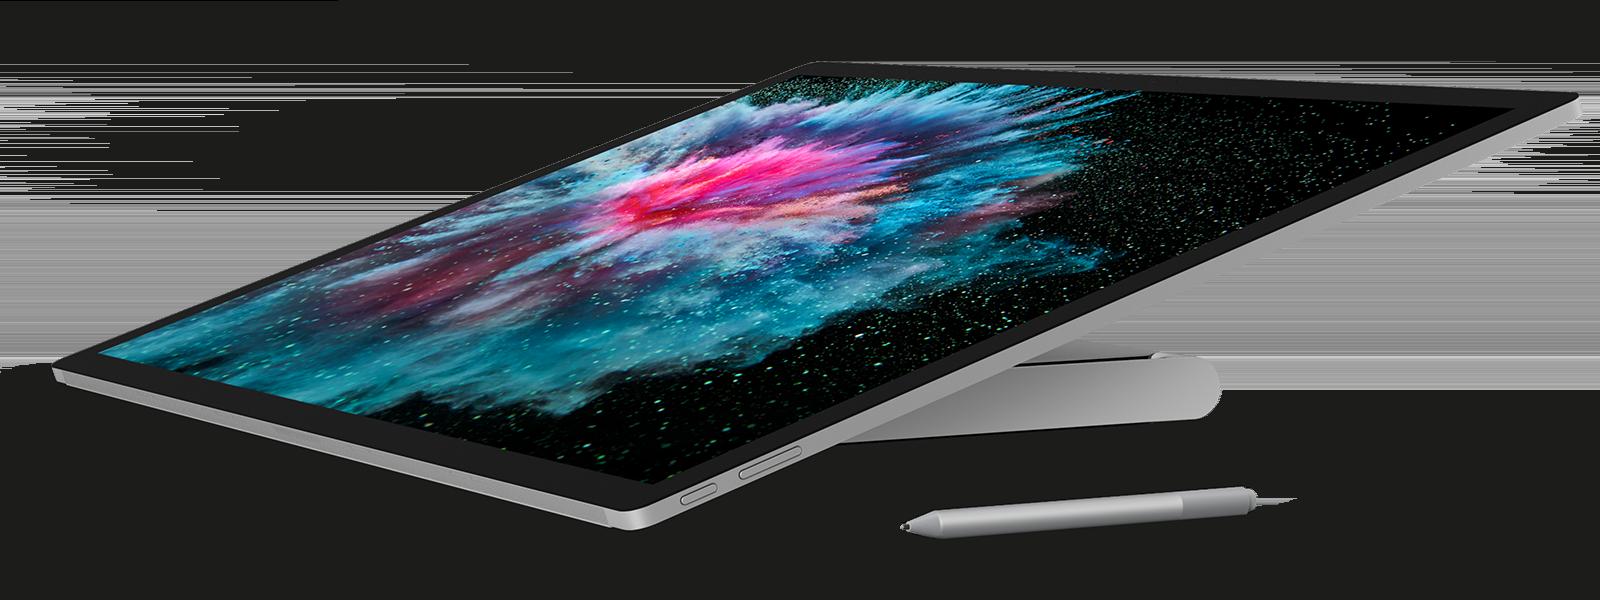 スタジオ モードの Surface Studio 2